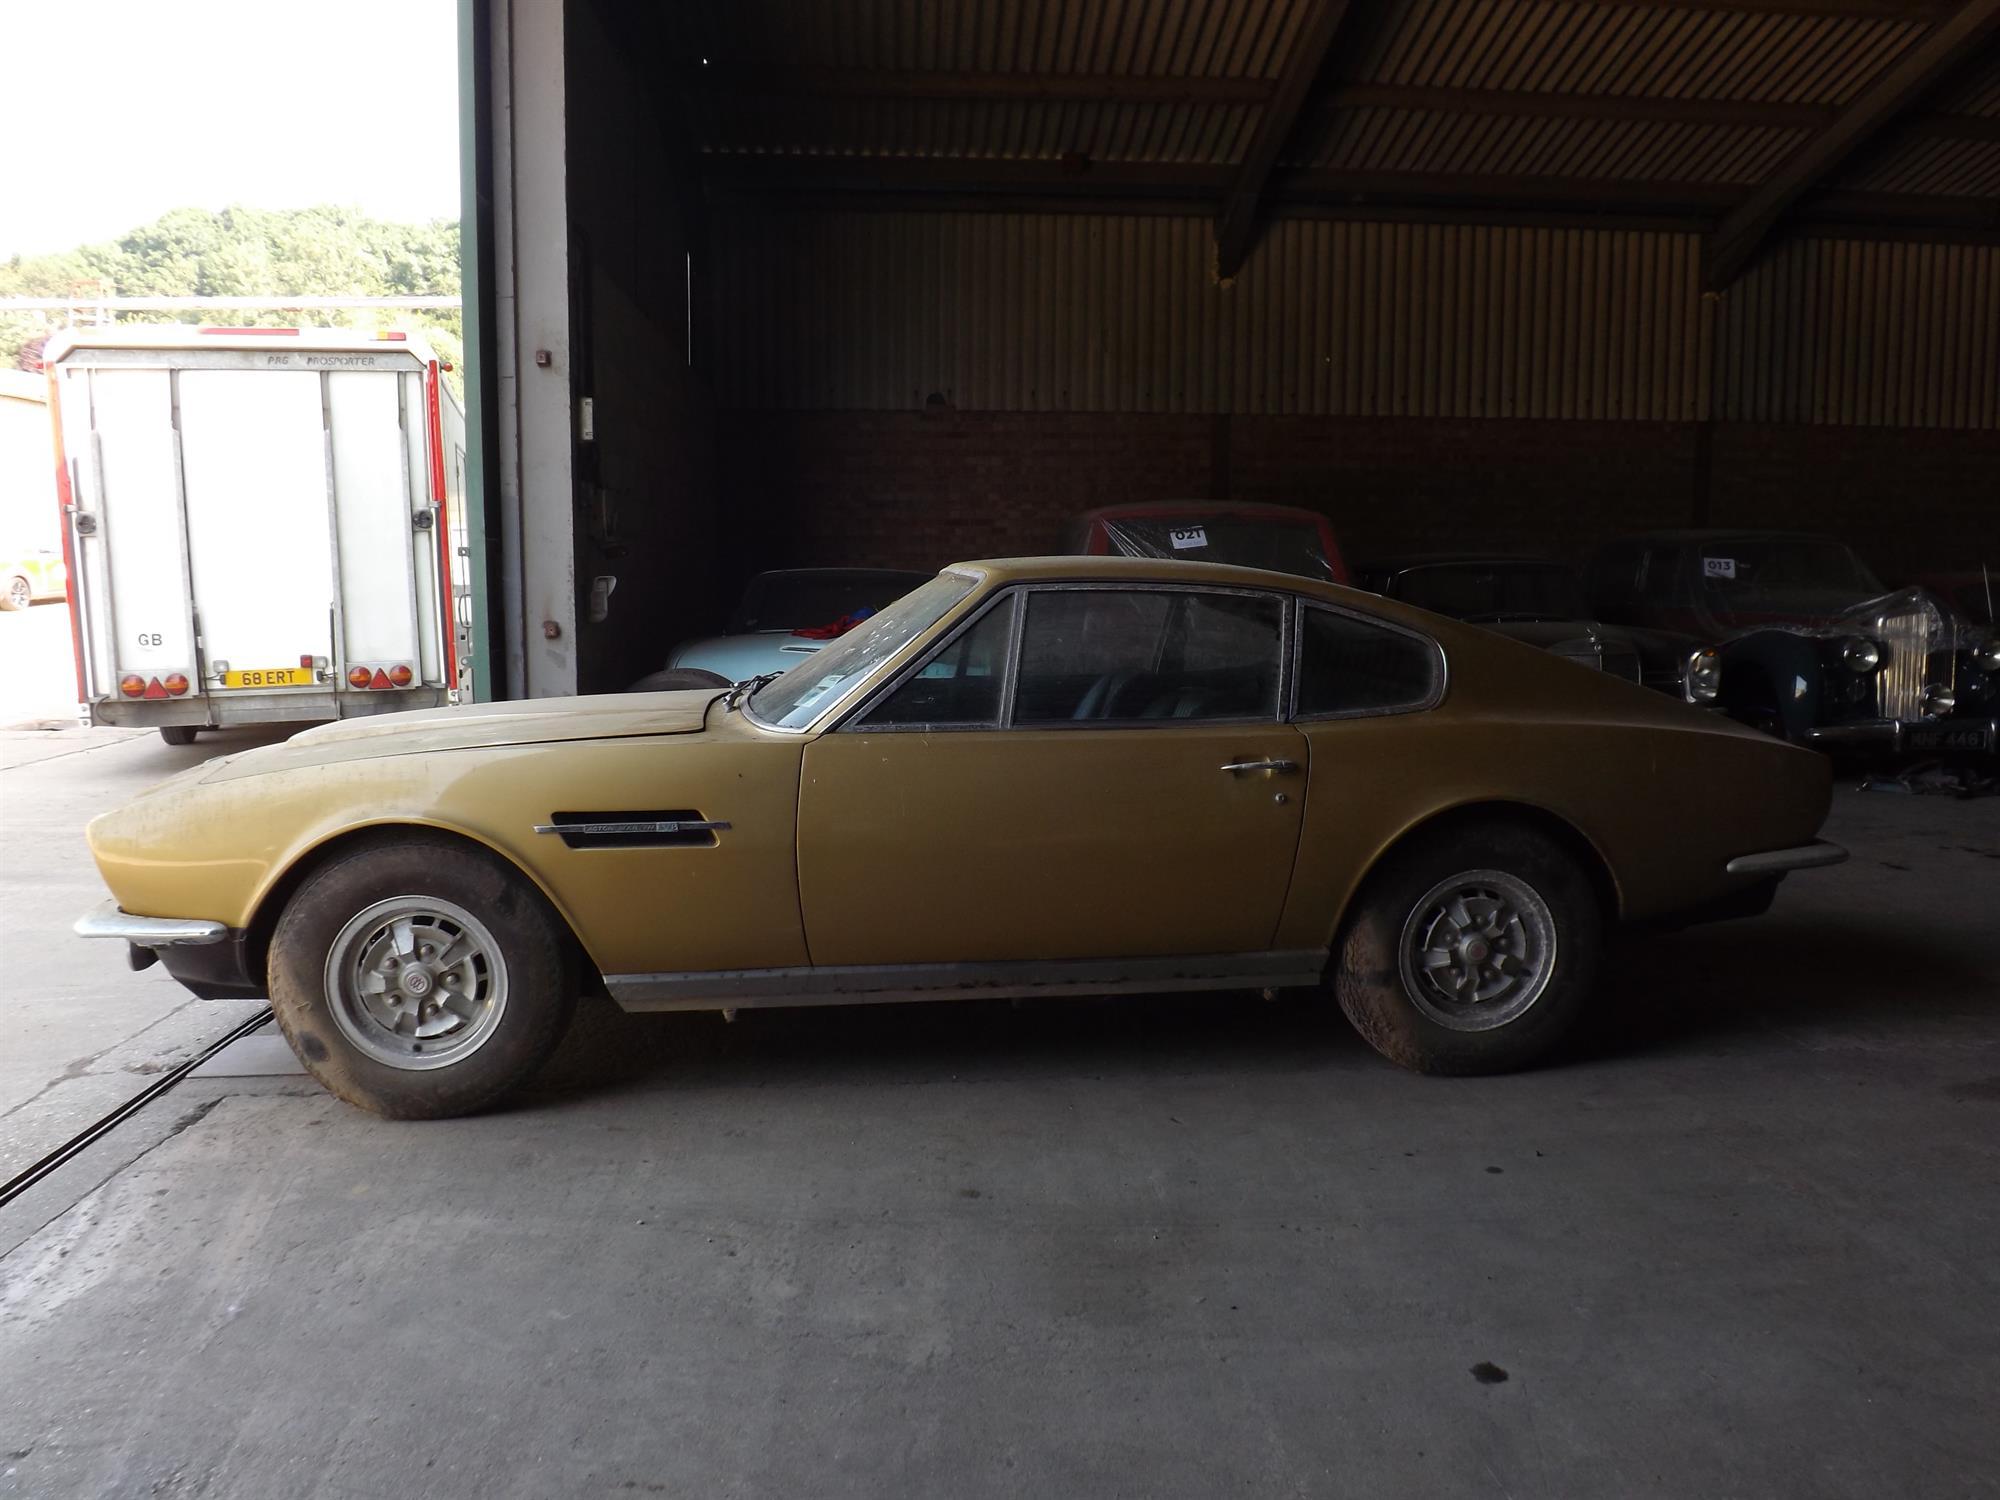 1973 Aston Martin AM V8 - Garage Find - Image 9 of 13